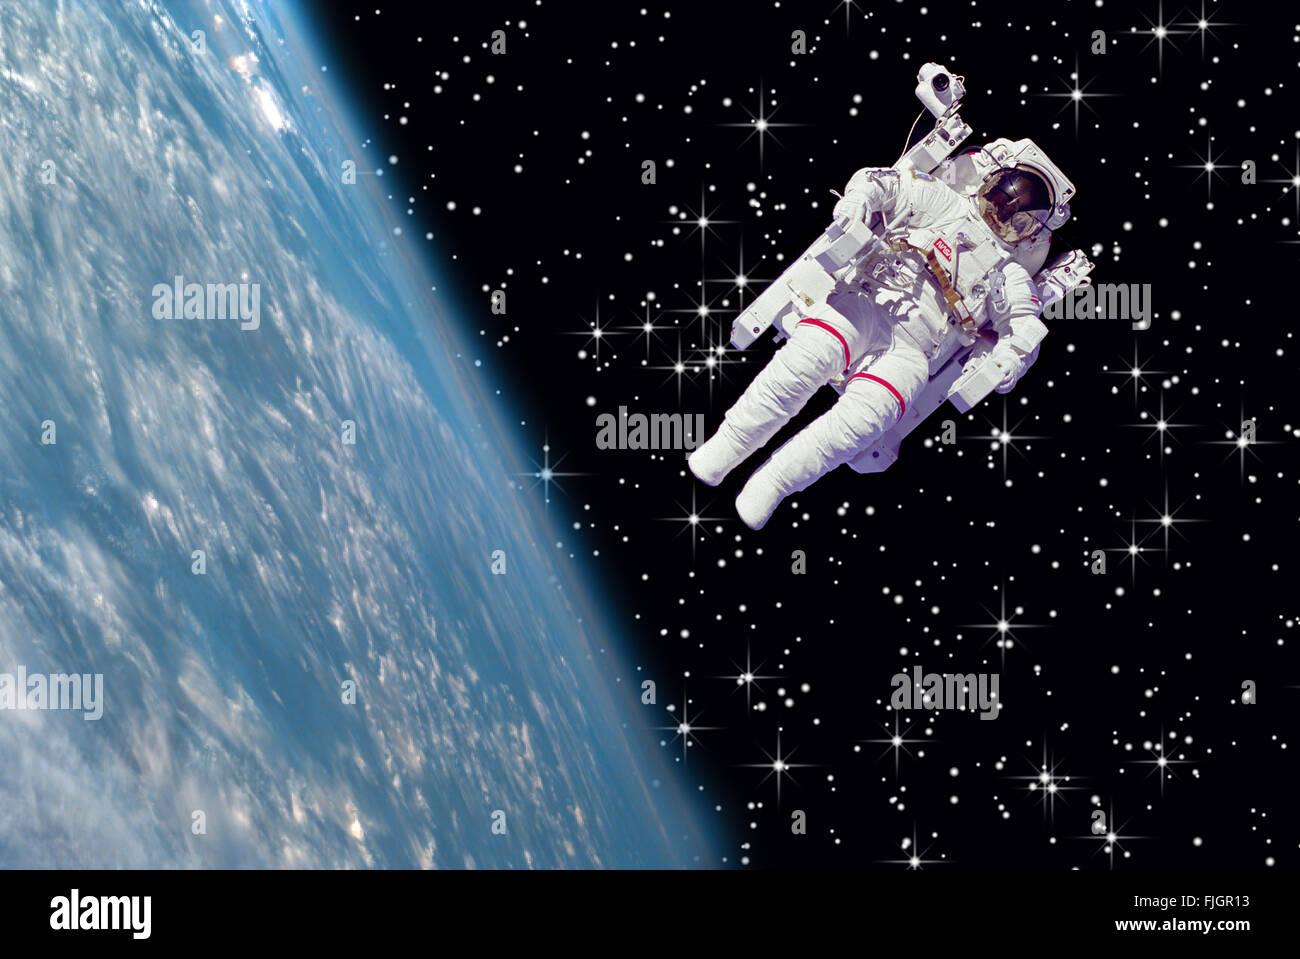 Imagen, el astronauta de la NASA la tierra estrellas espacio flotante Imagen De Stock